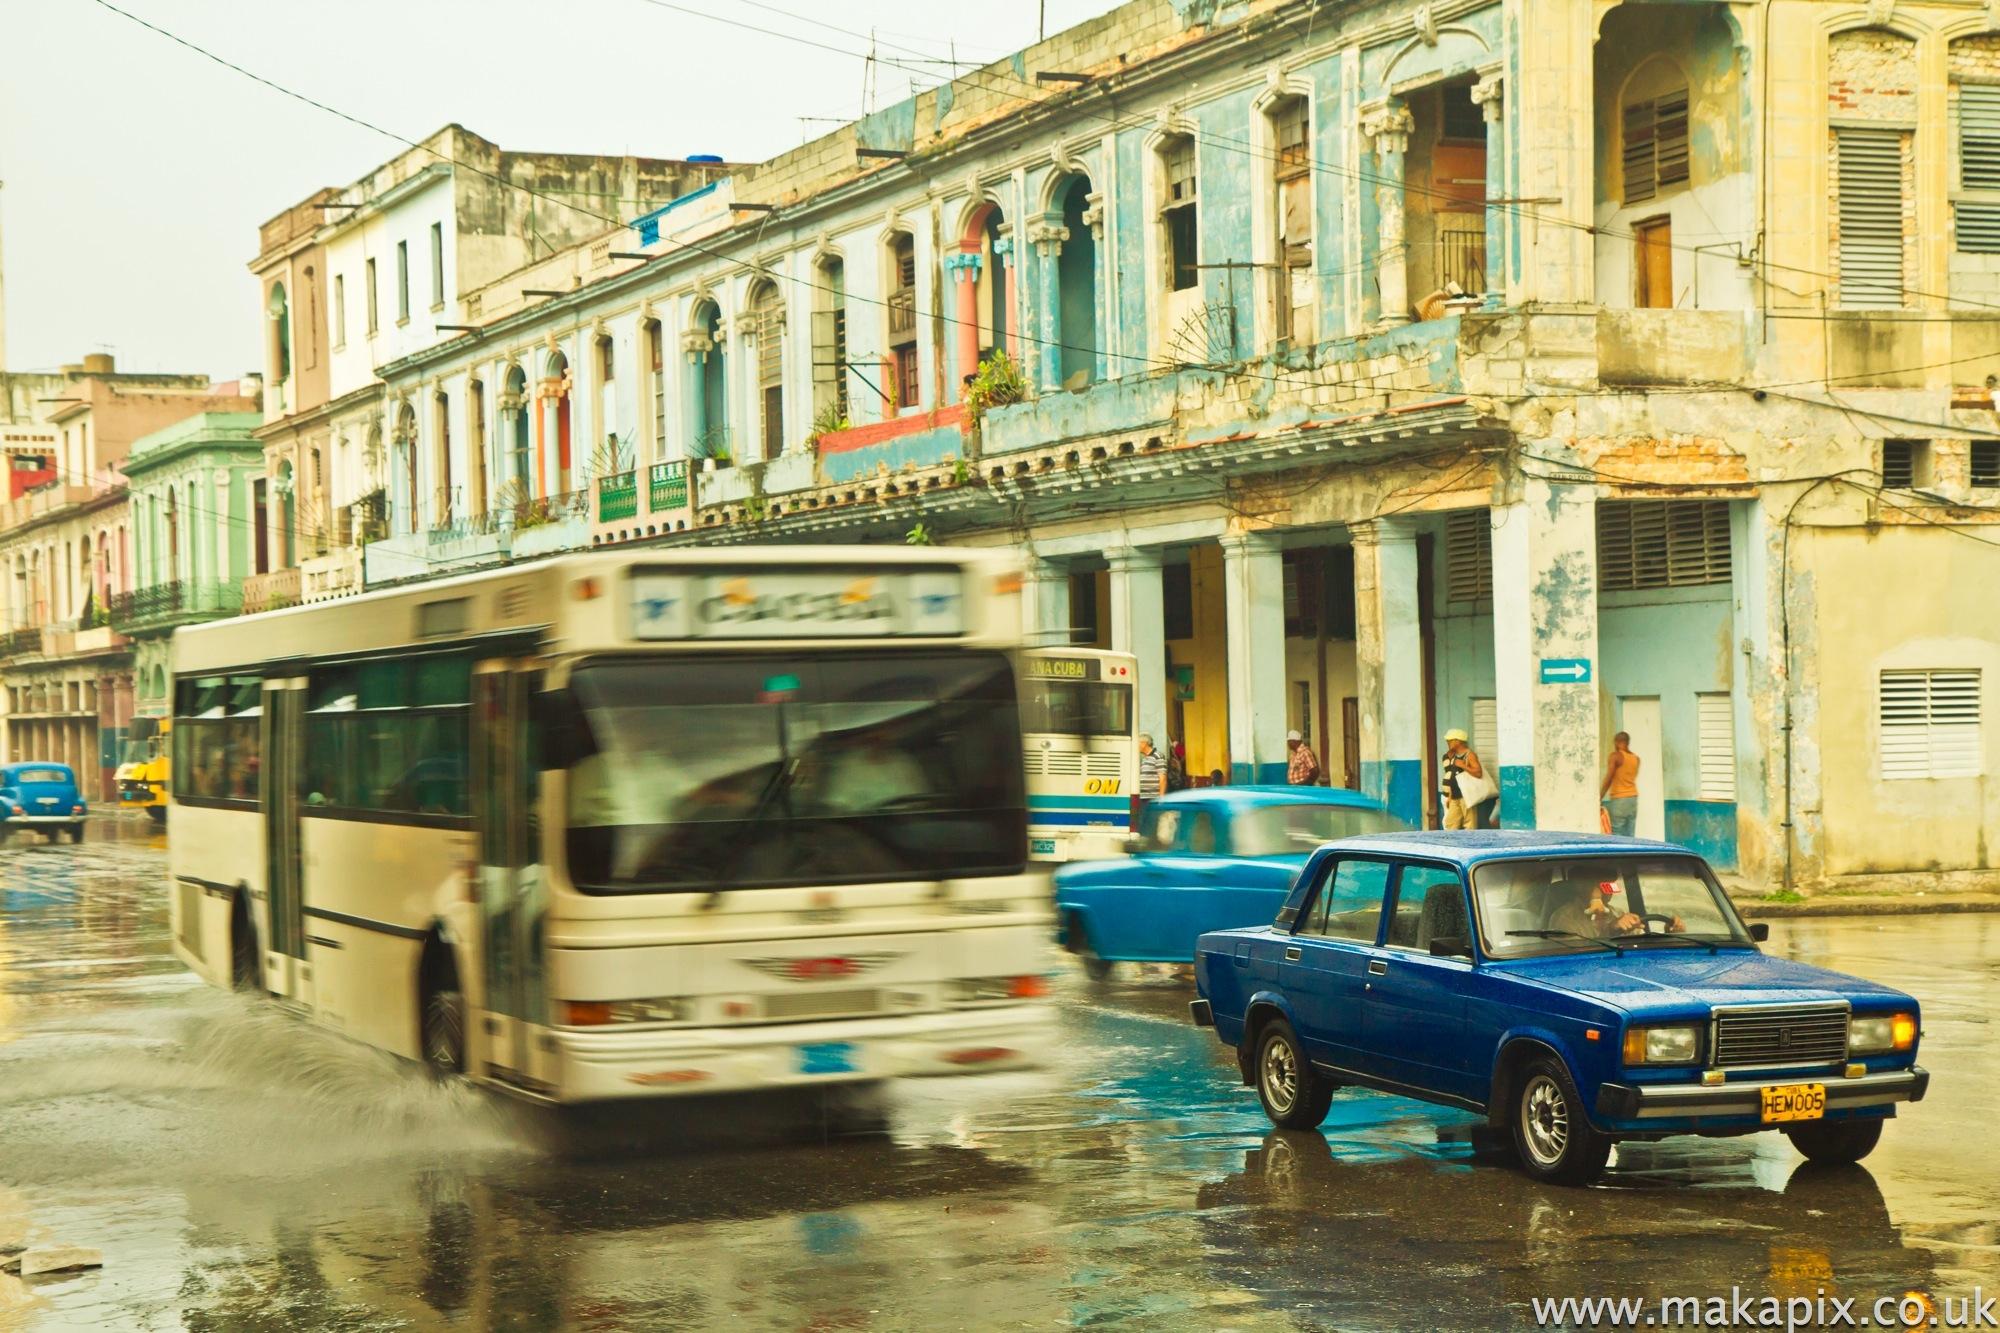 rain in Havana